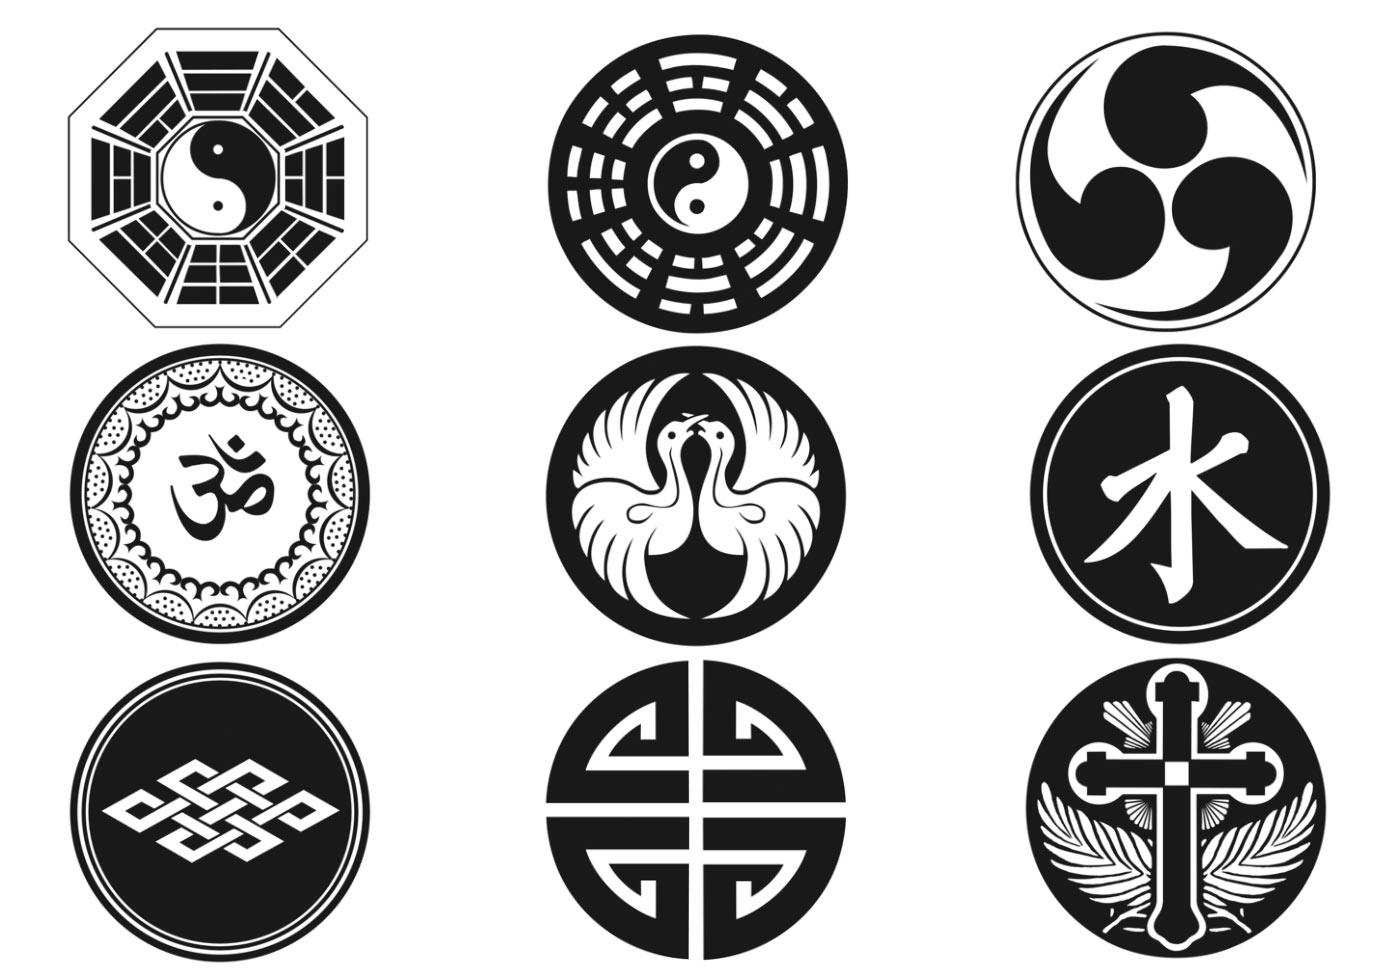 Religious Symbols Brush Pack - Free Photoshop Brushes at Brusheezy!